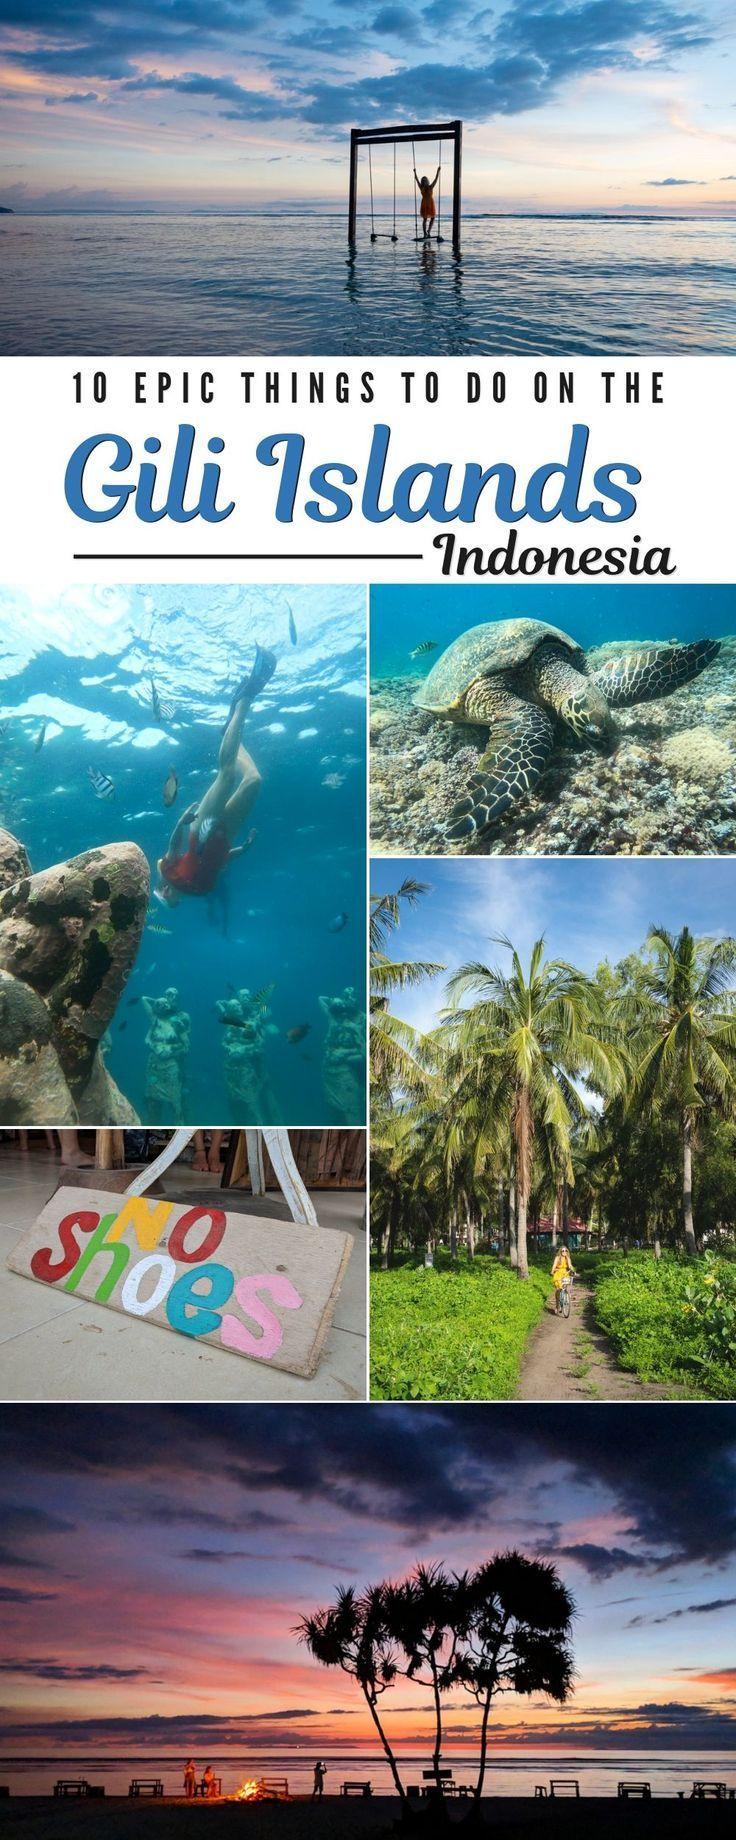 10 unglaubliche Dinge, die man auf den Gili-Inseln in Indonesien unternehmen kann